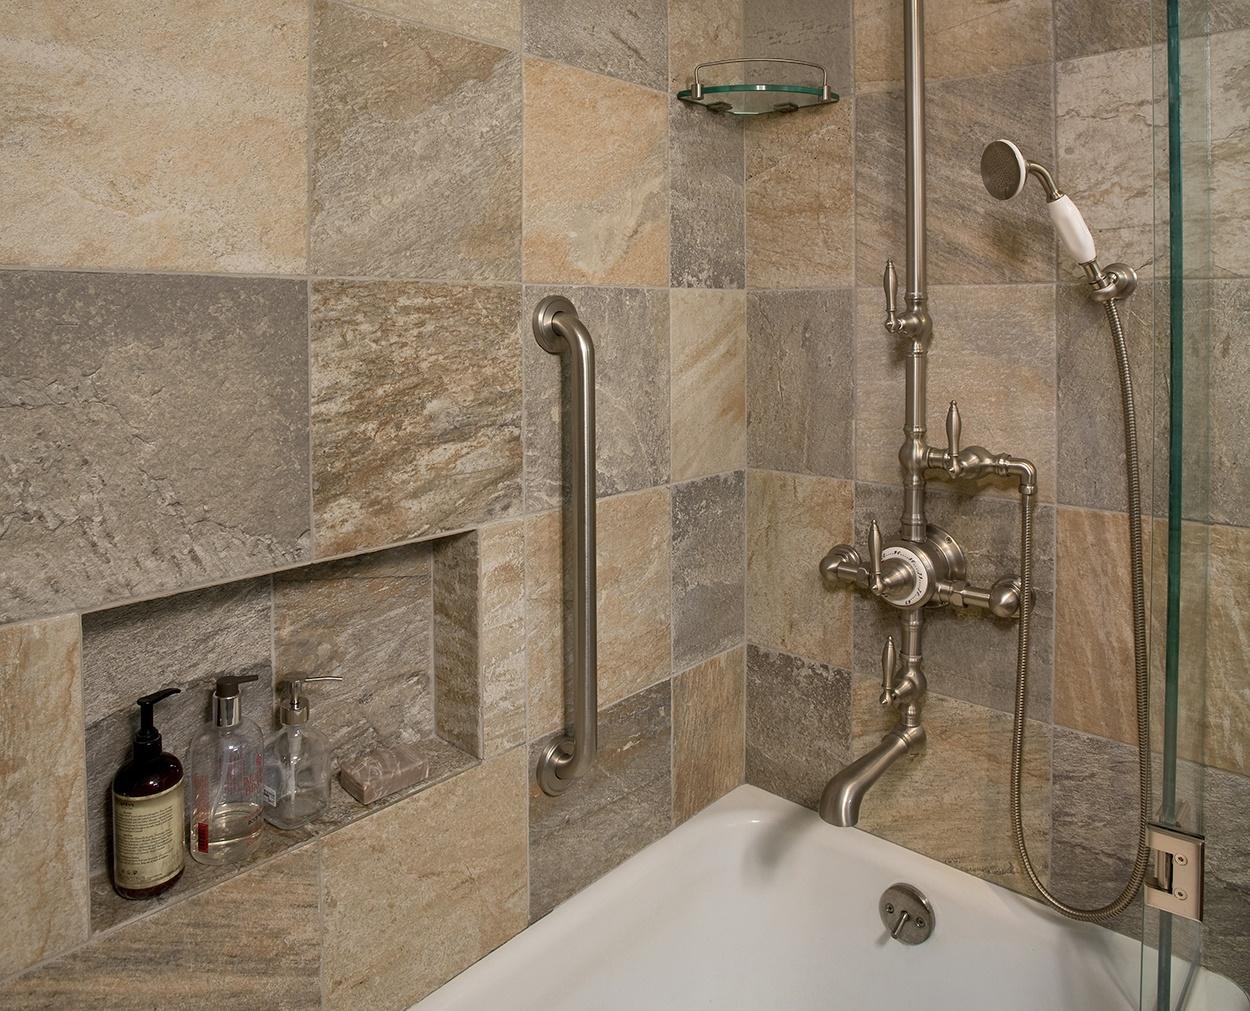 Freestanding shower plumbing fixtures in vintage master bath remodel